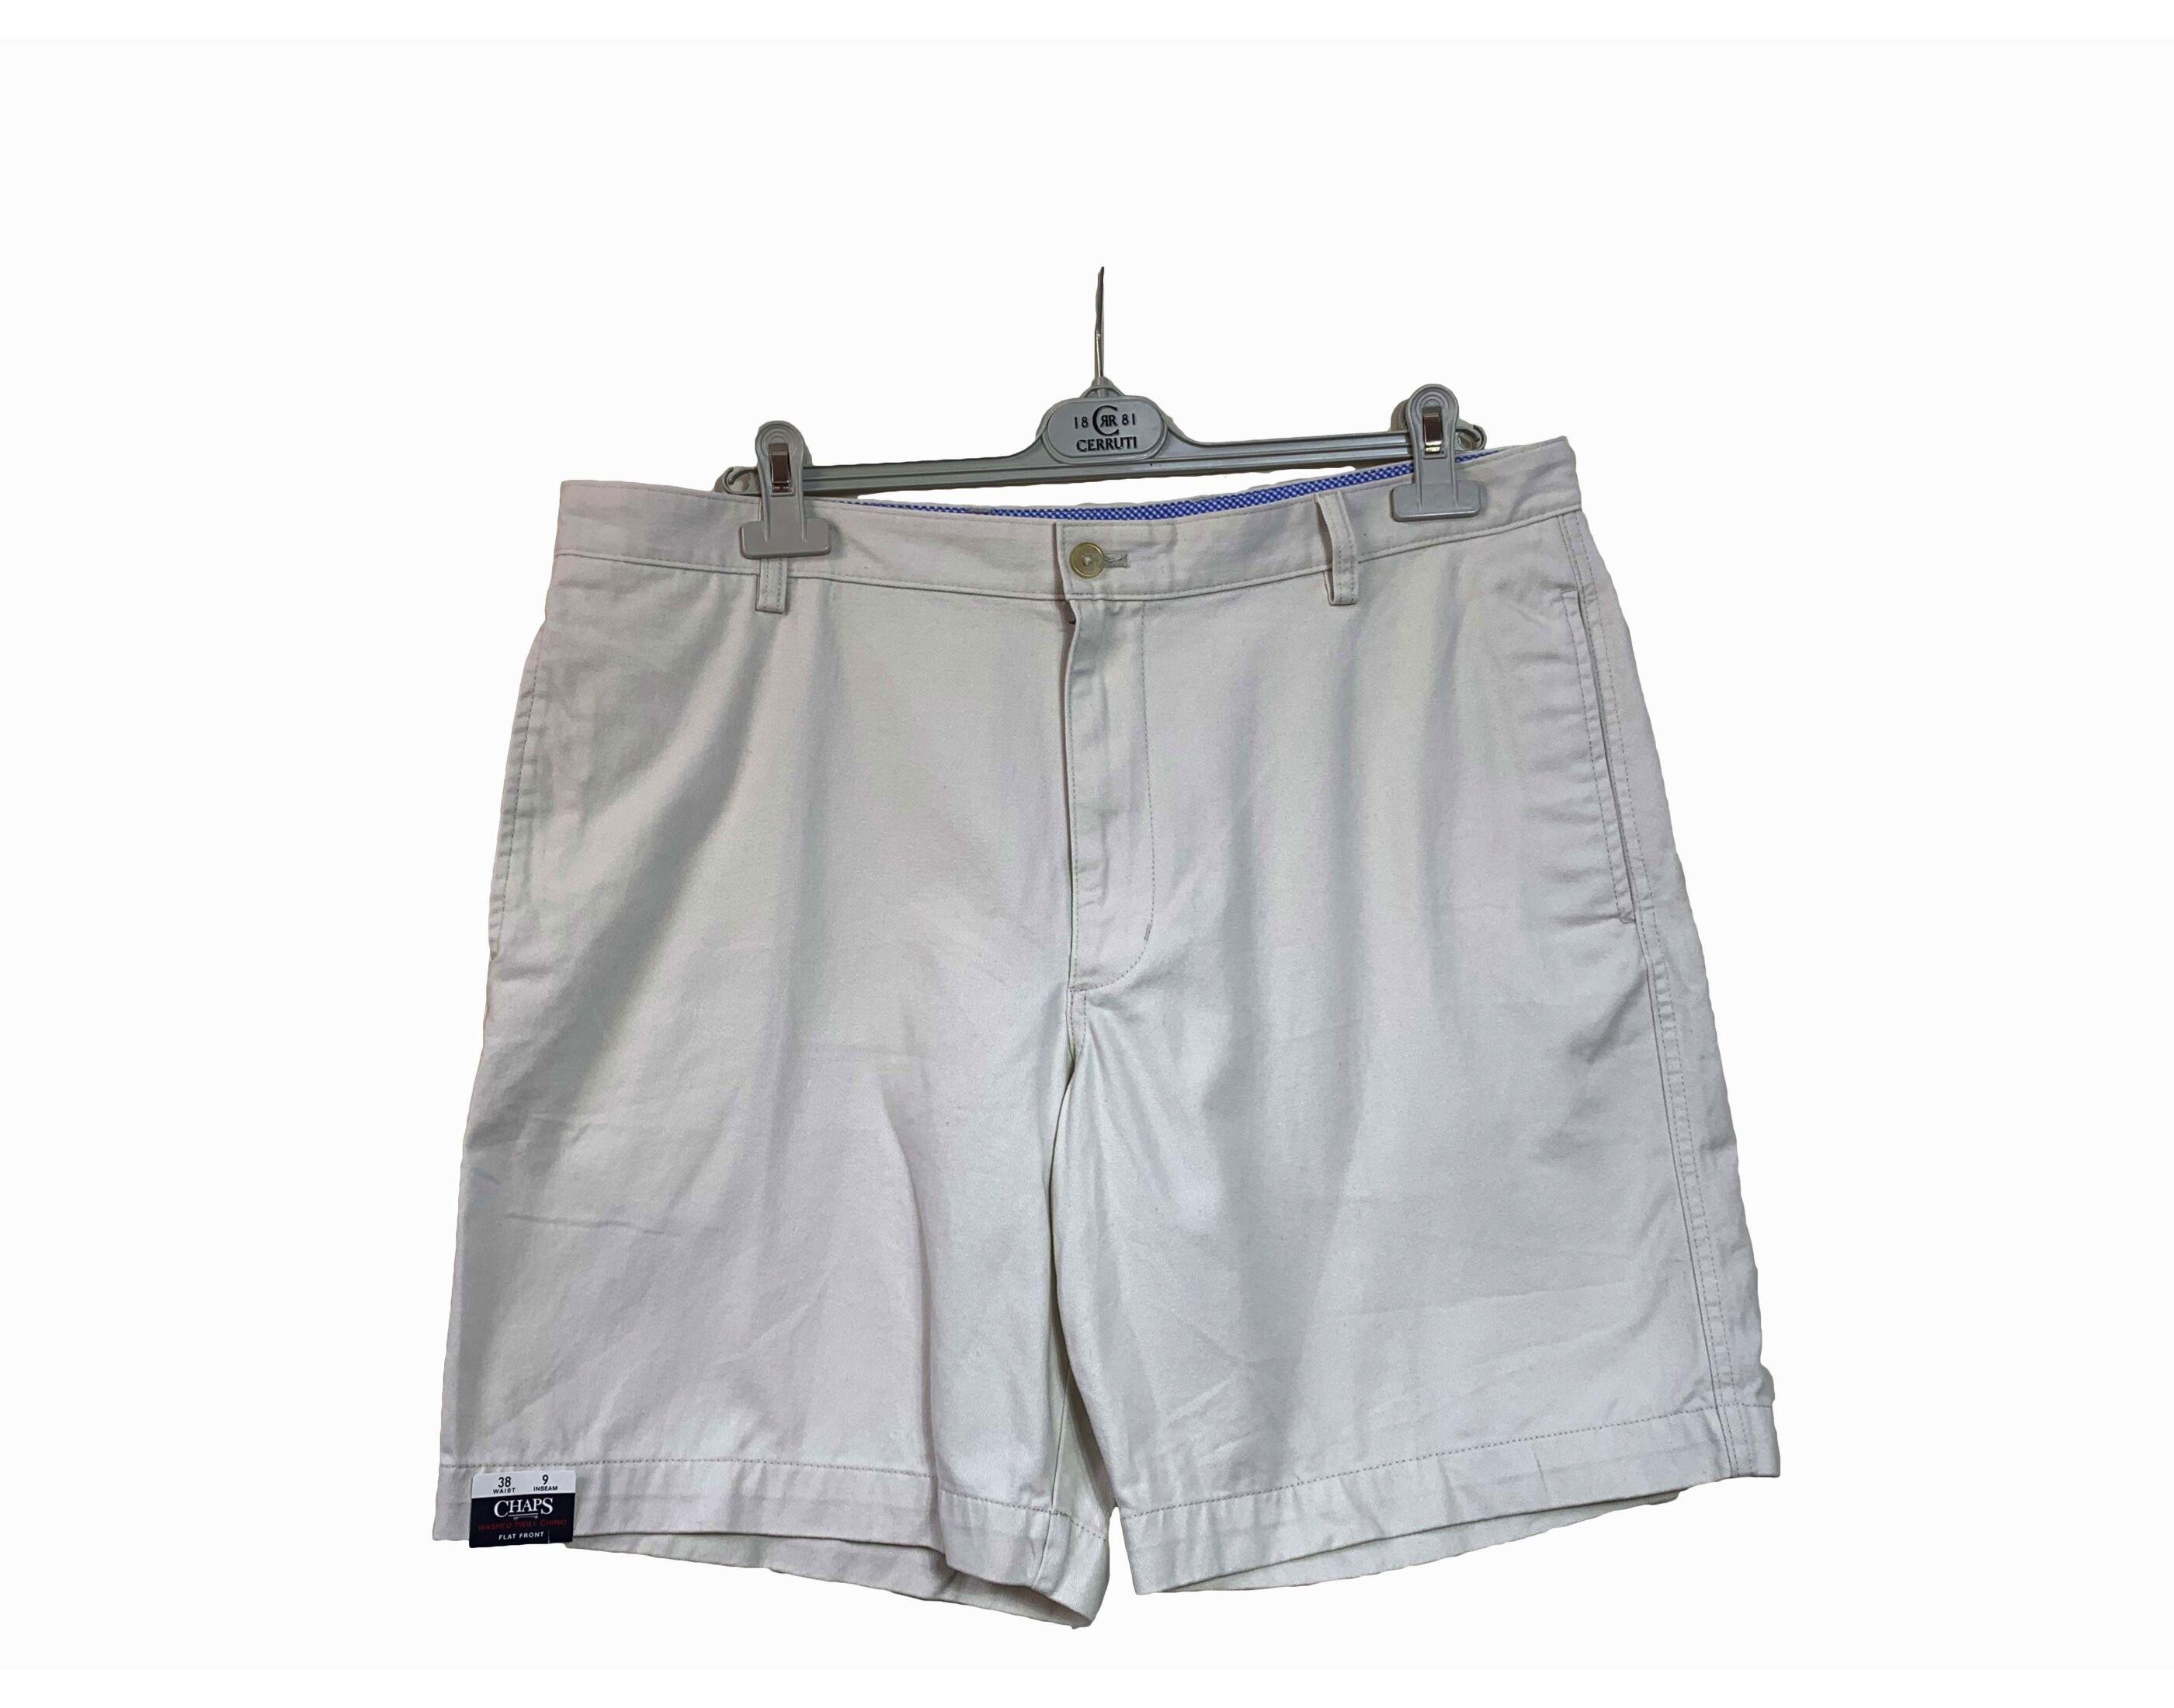 Chaps rövidnadrág  (38)